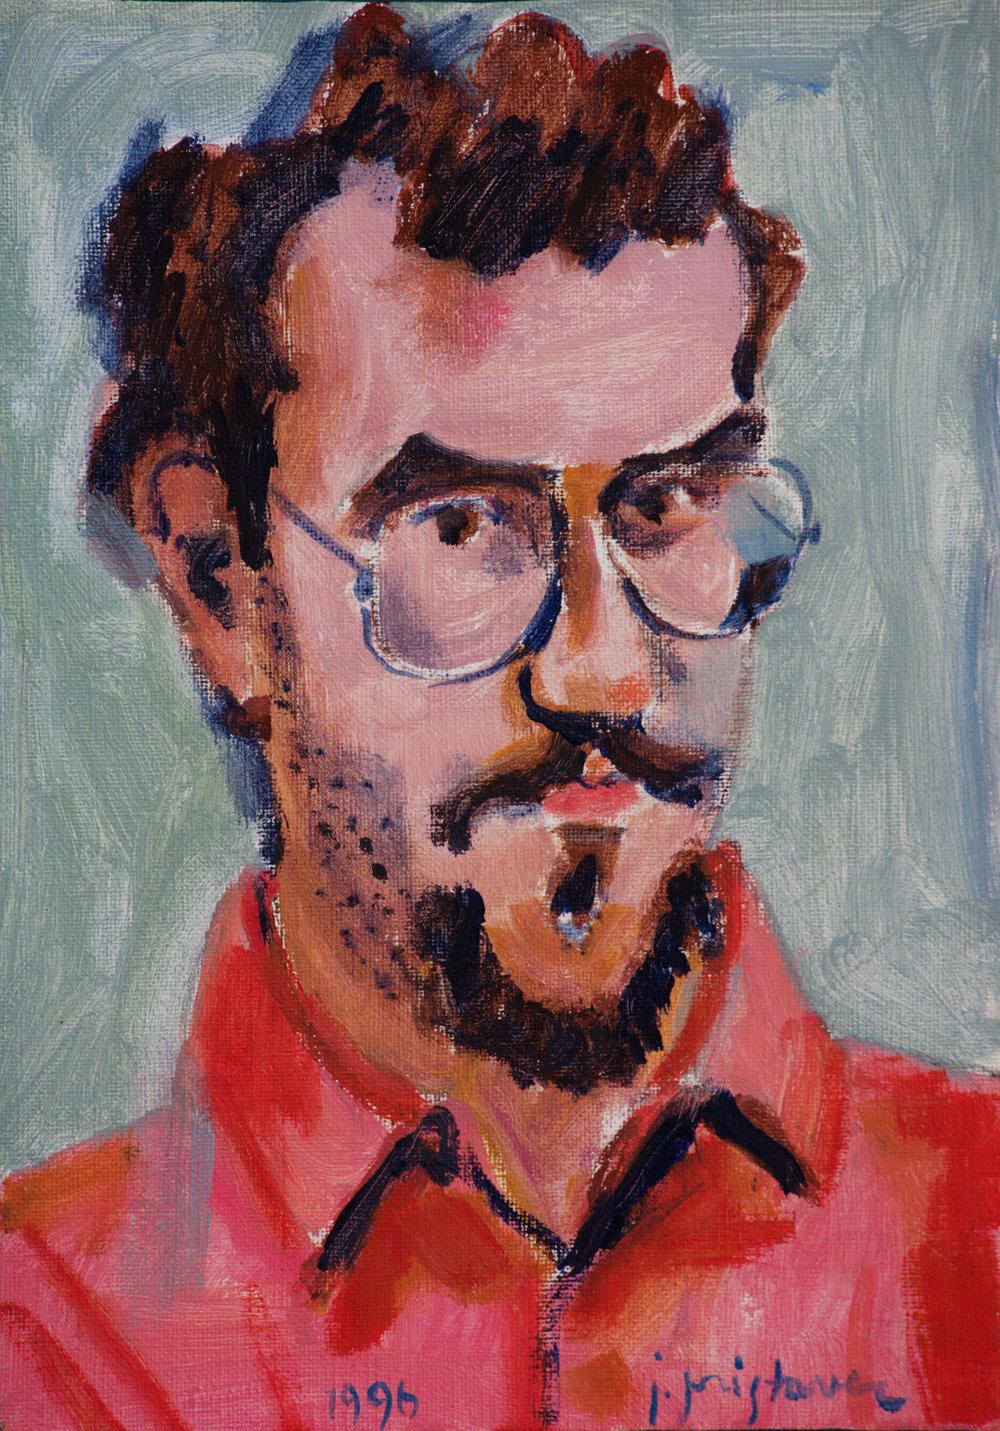 1996_portrait_25x35cm_Danijel_Zavratnik.jpg